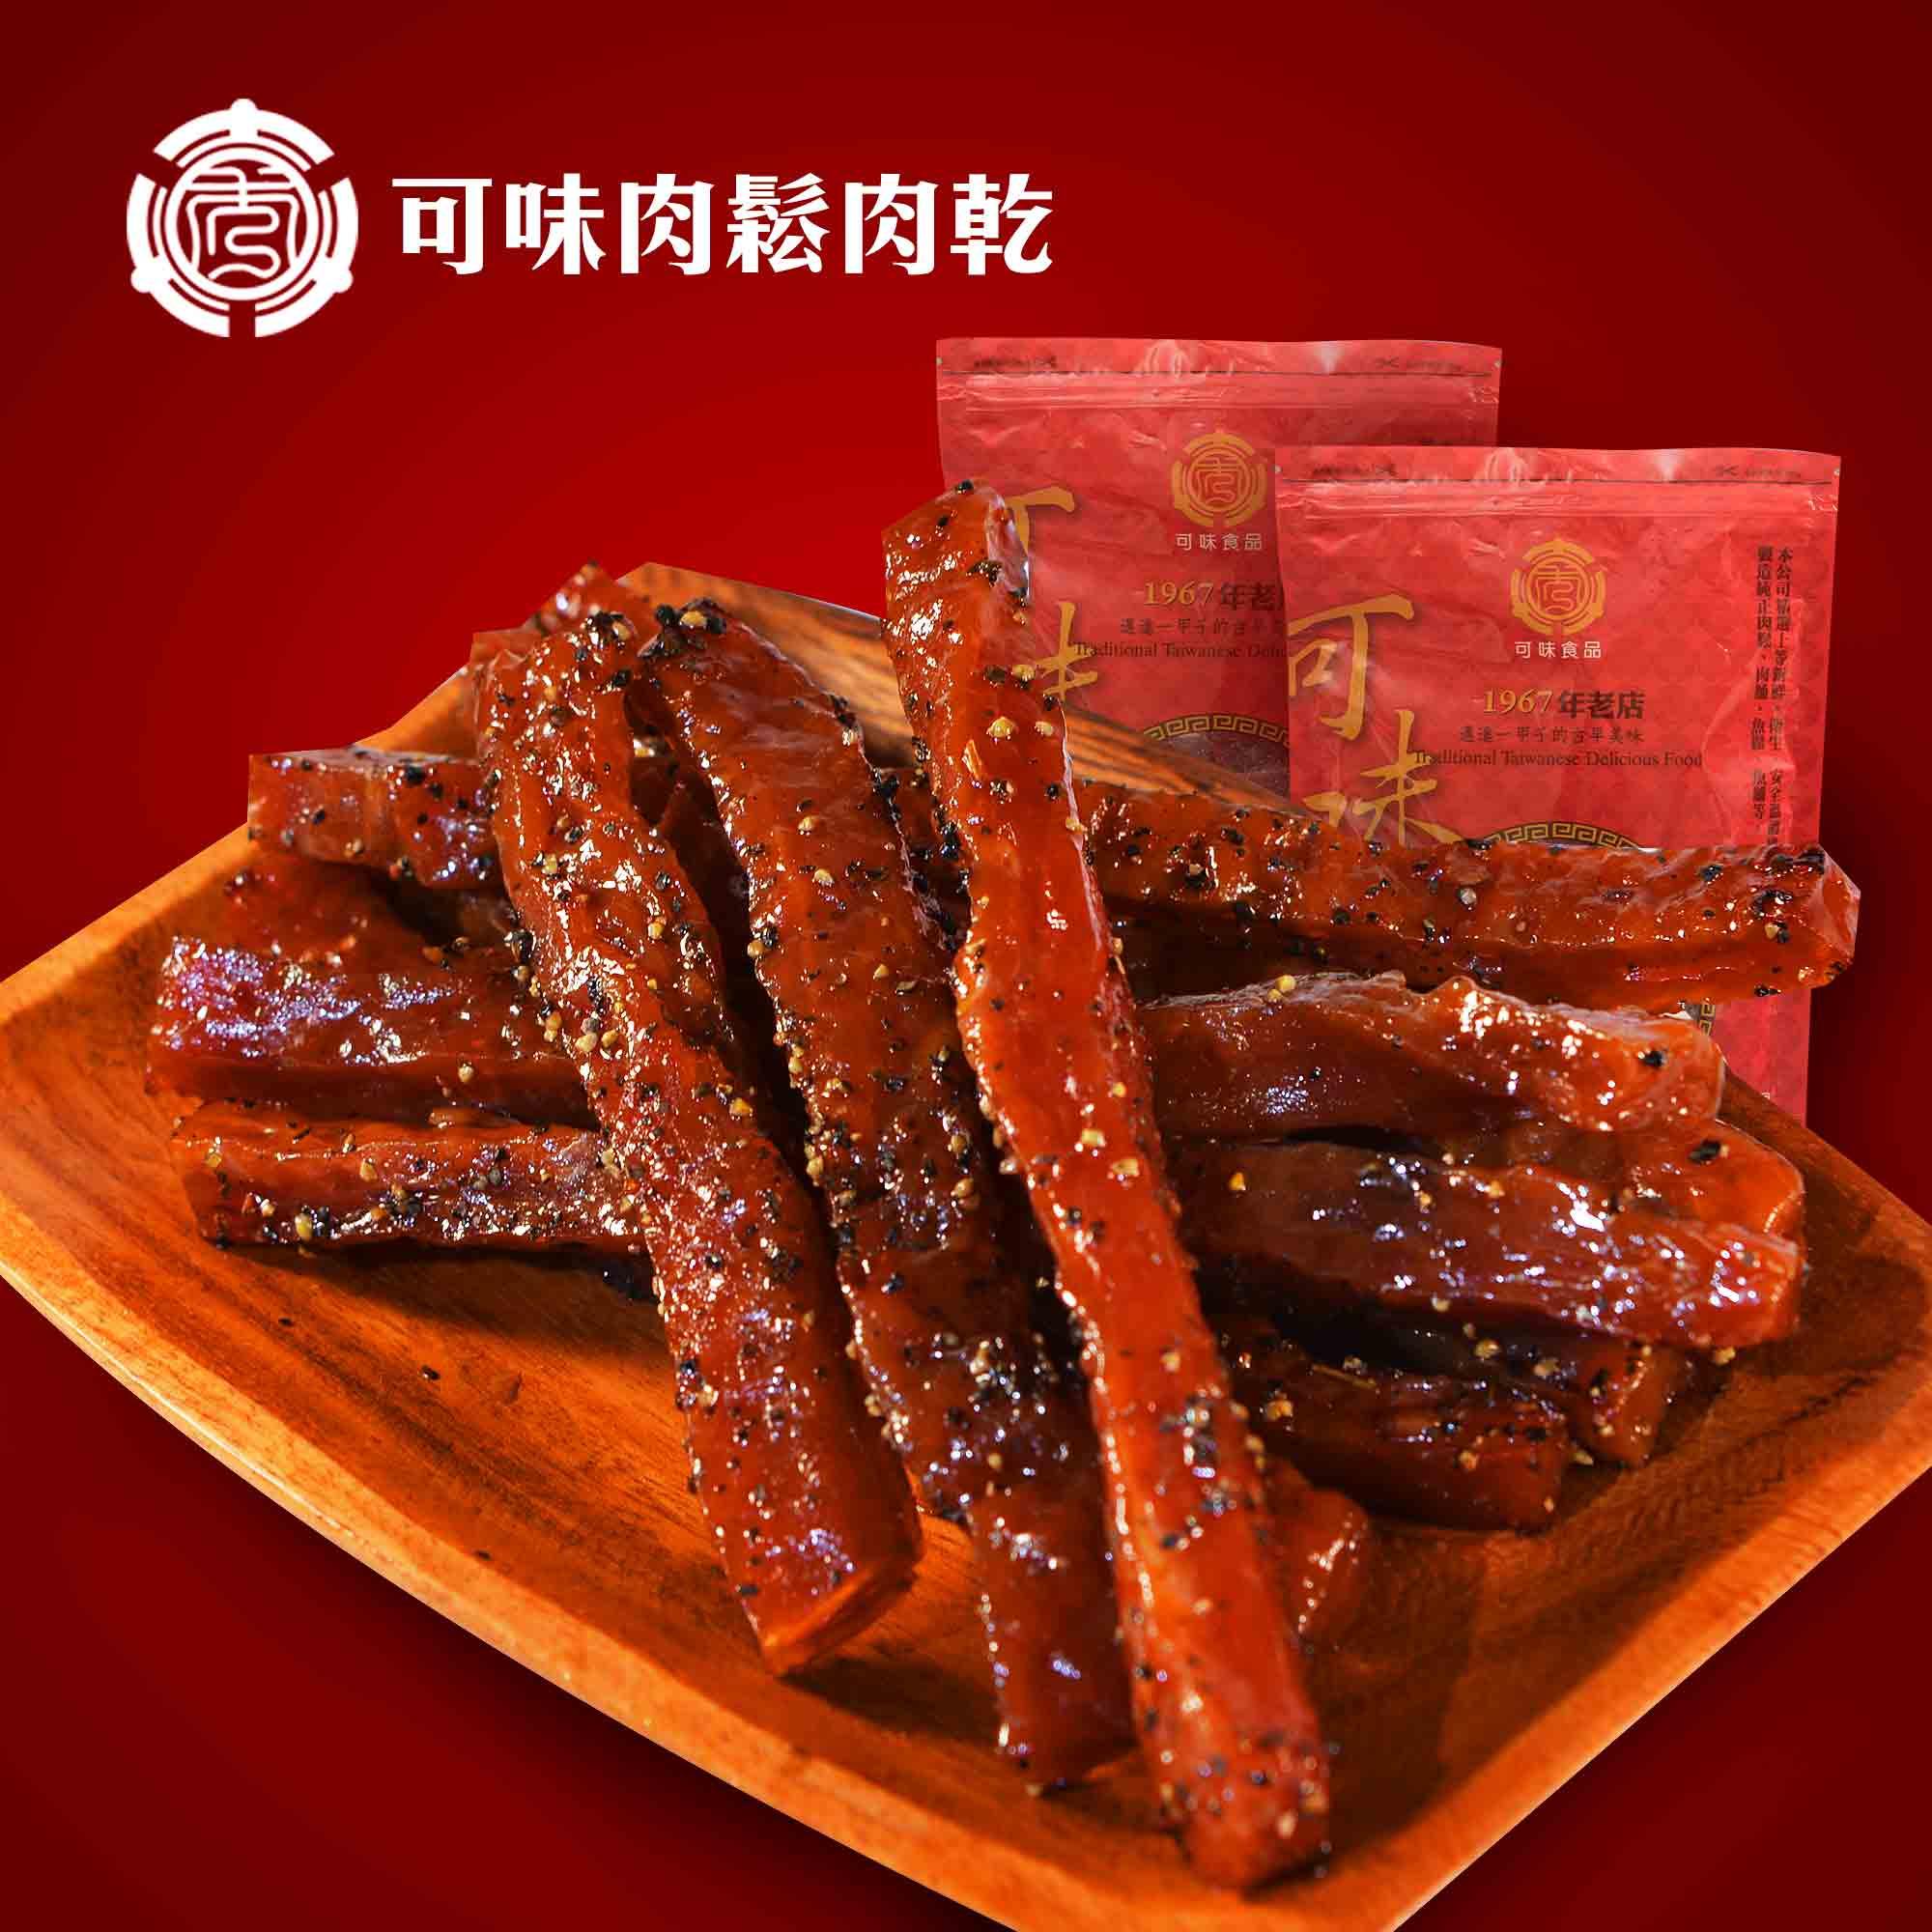 【可味肉鬆肉乾】超人氣肉乾條(黑胡椒) 分享包(216g/包)/肉乾/肉干/高粱//筷子/條/厚肉干/